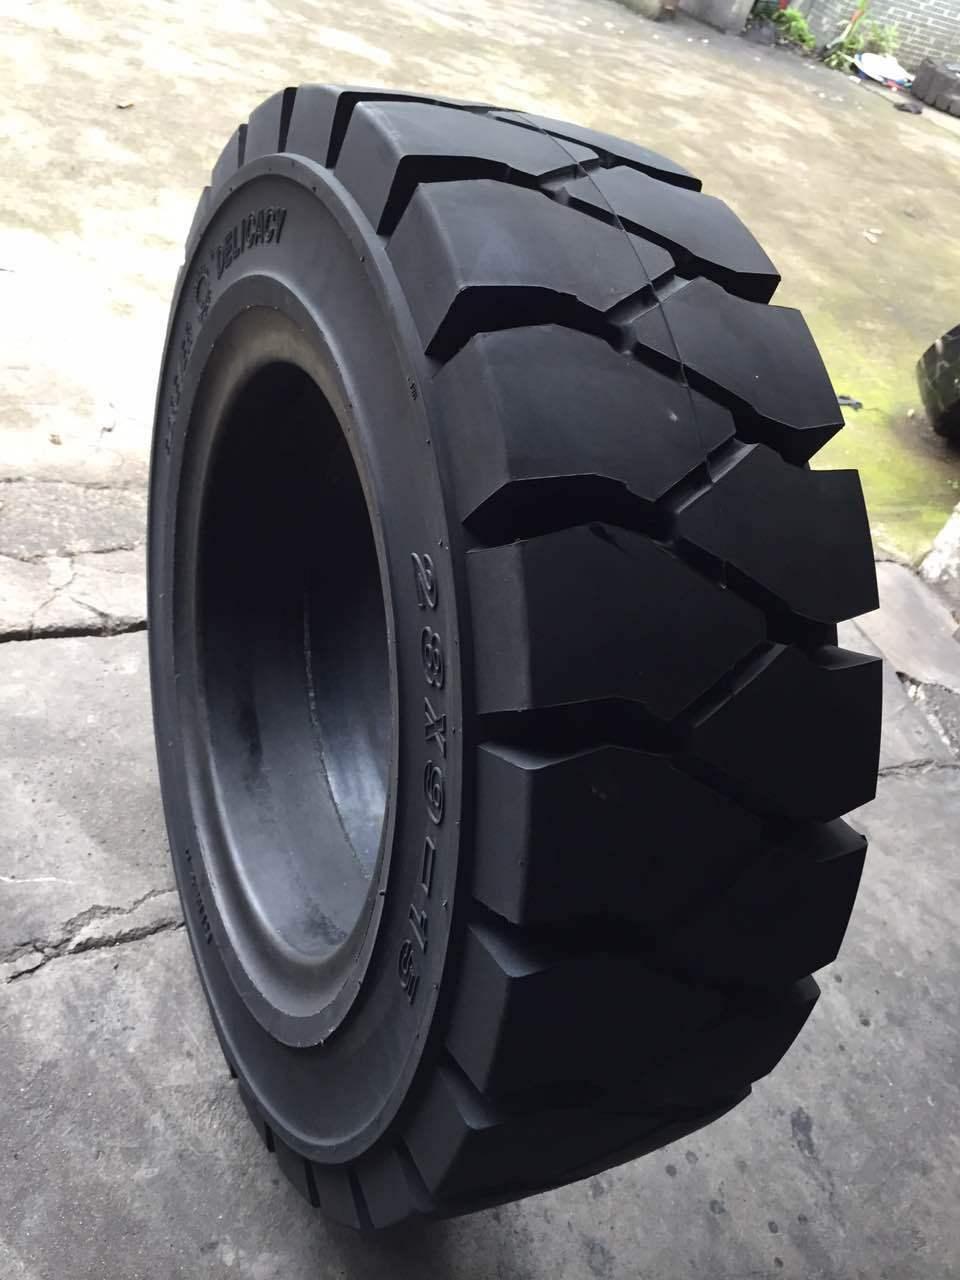 Cao su(lốp xe tải) Xe nâng đặc biệt hàng loạt lốp tiêu chuẩn gia cố thông số kỹ thuật đầy đủ